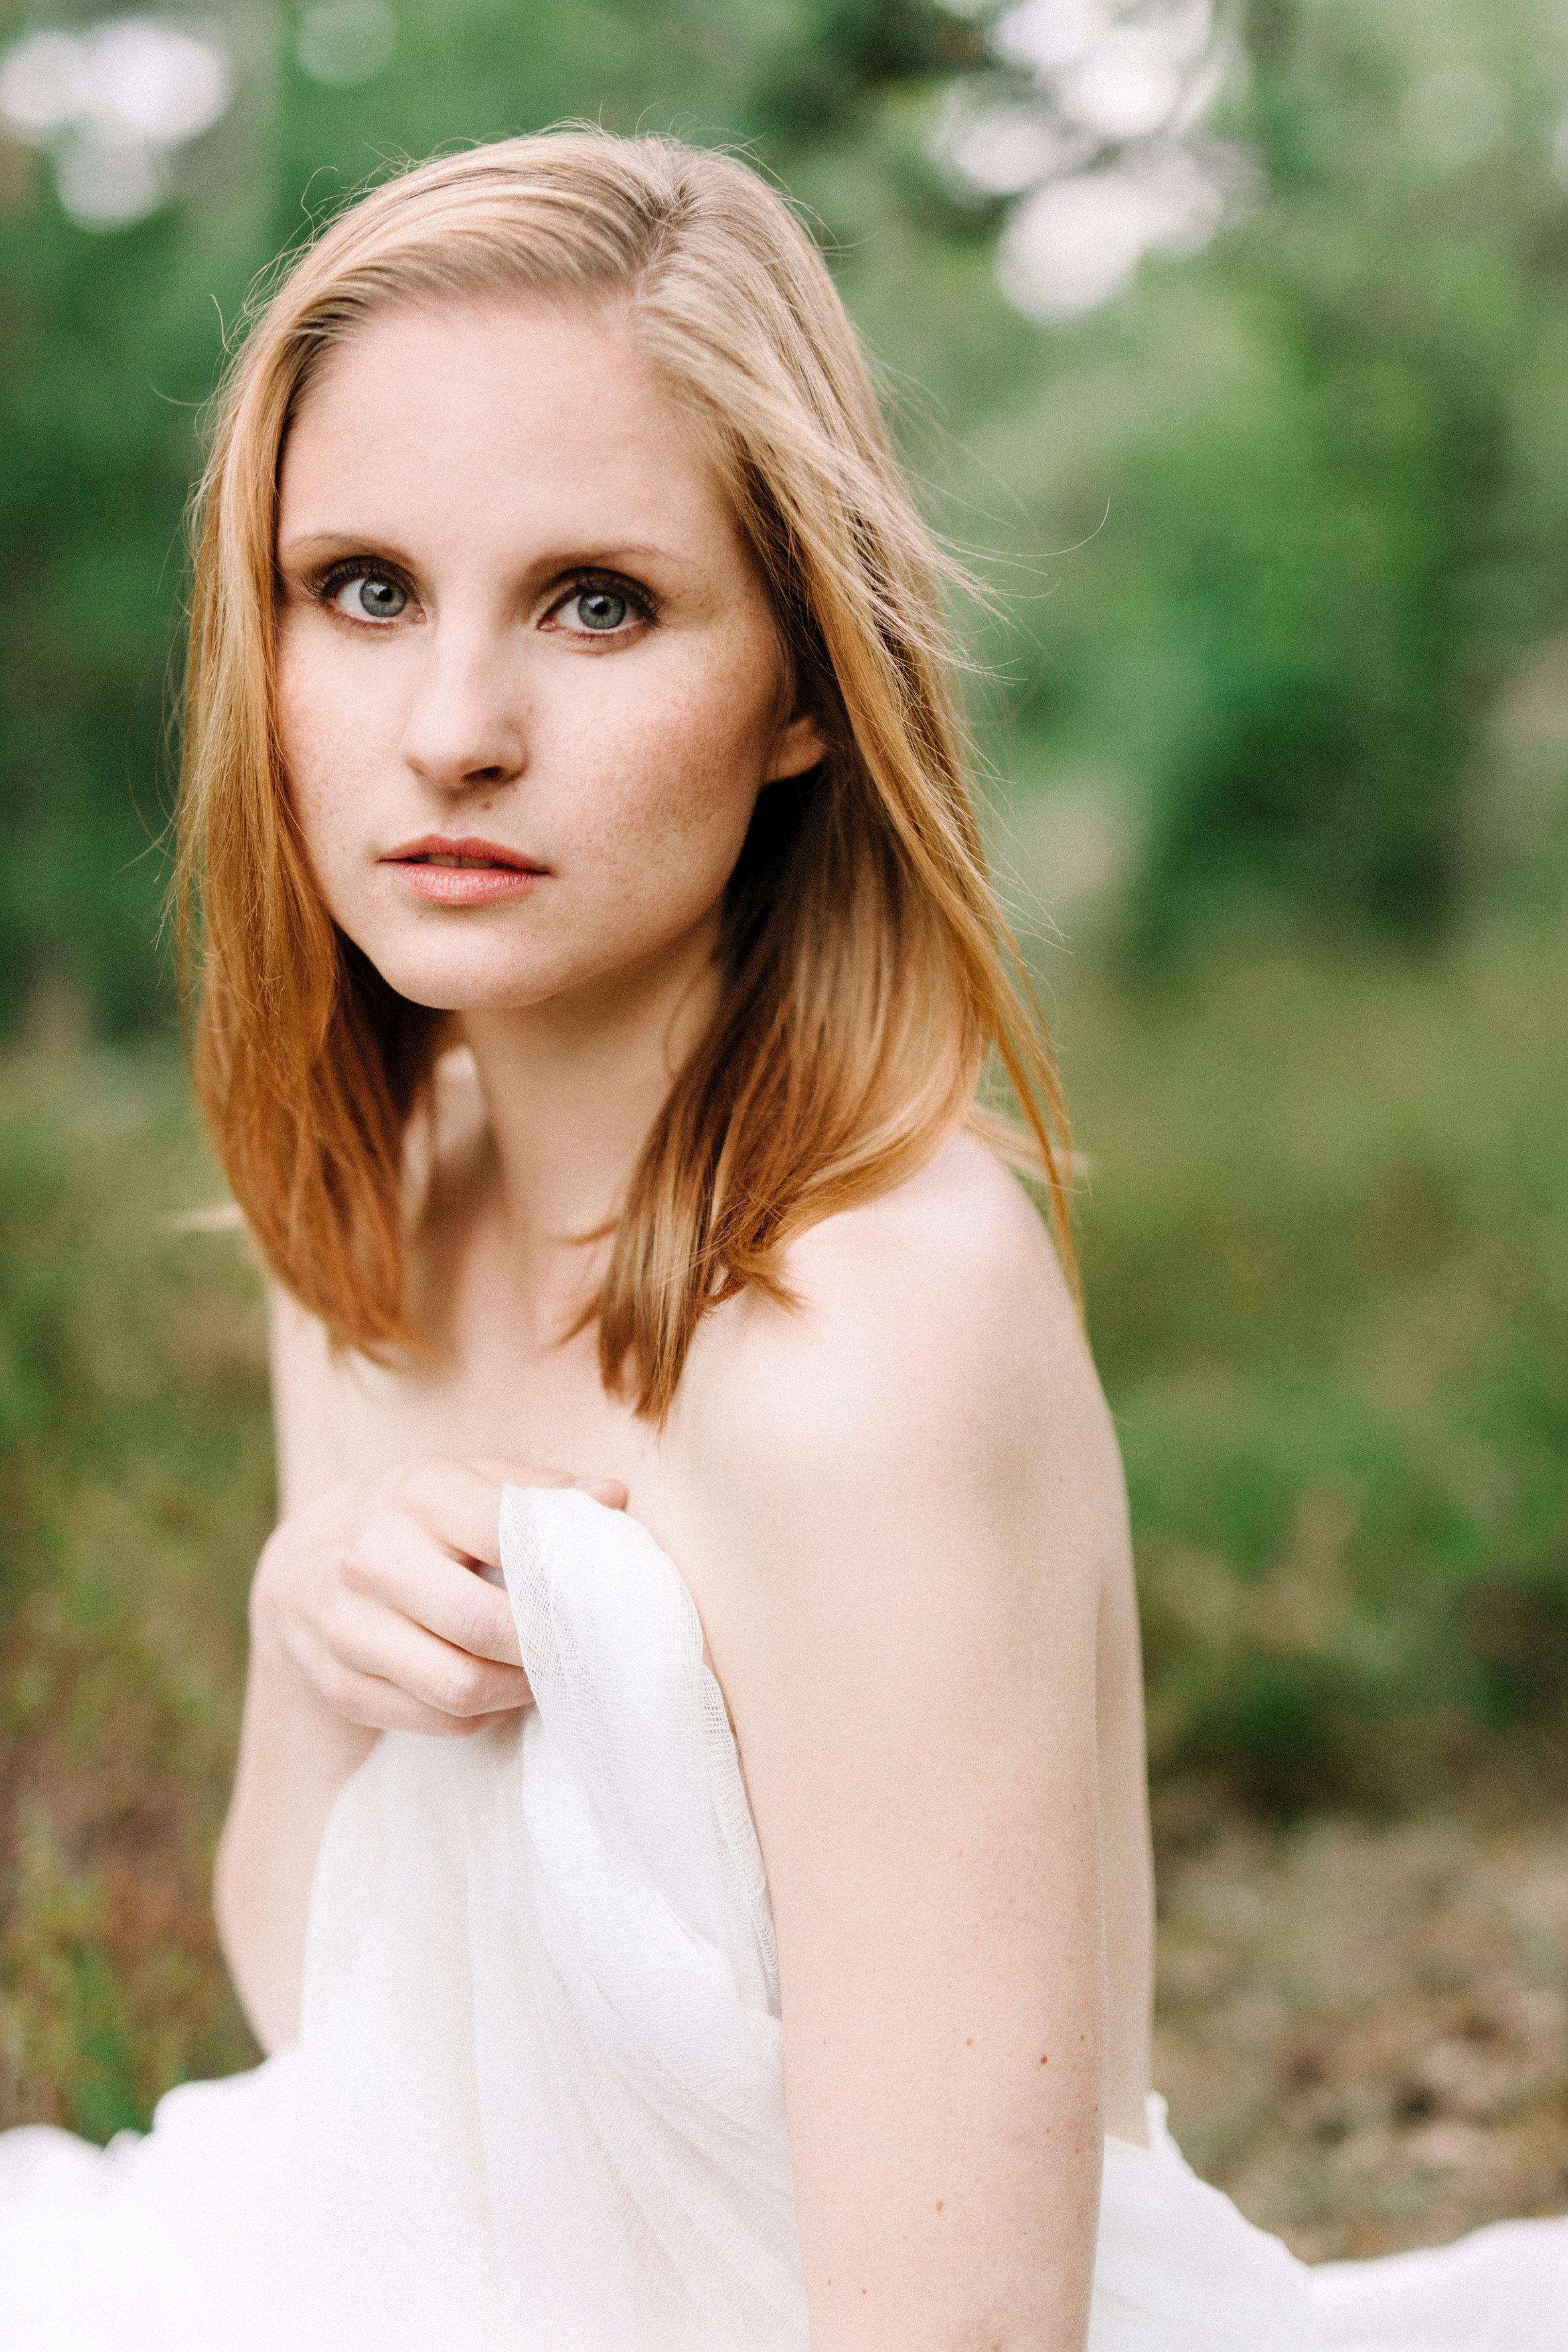 Photo  Susanna Nordvall Photography  Style  HeyLook  model Sannu